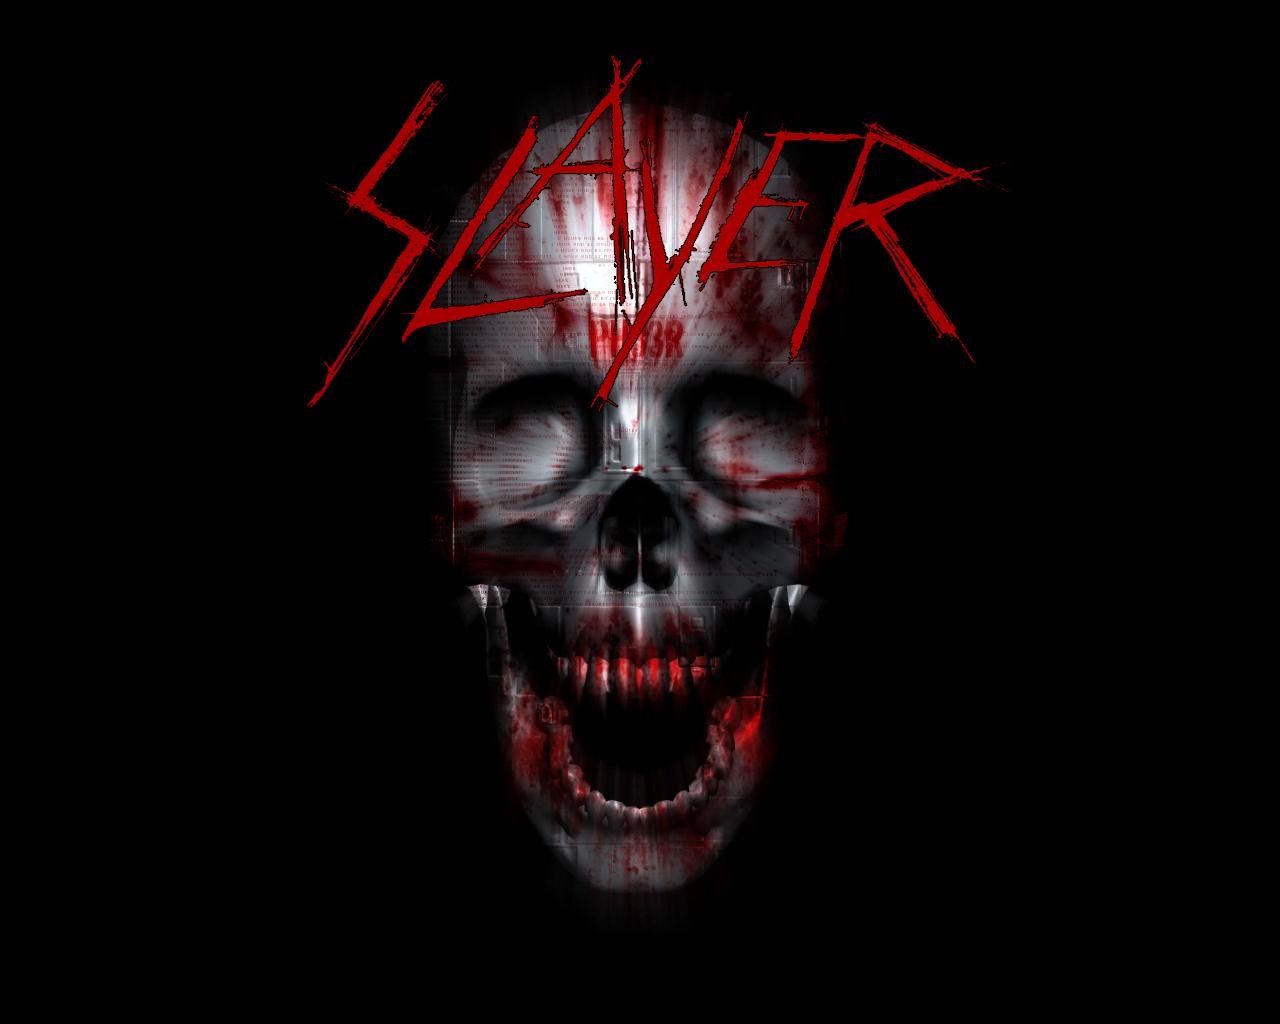 http://3.bp.blogspot.com/-j0IwrlAnJDc/T_UHtXtPrxI/AAAAAAAAAyA/IMse_TSi_Wk/s1600/Slayer_Skull_Wallpaper.jpg